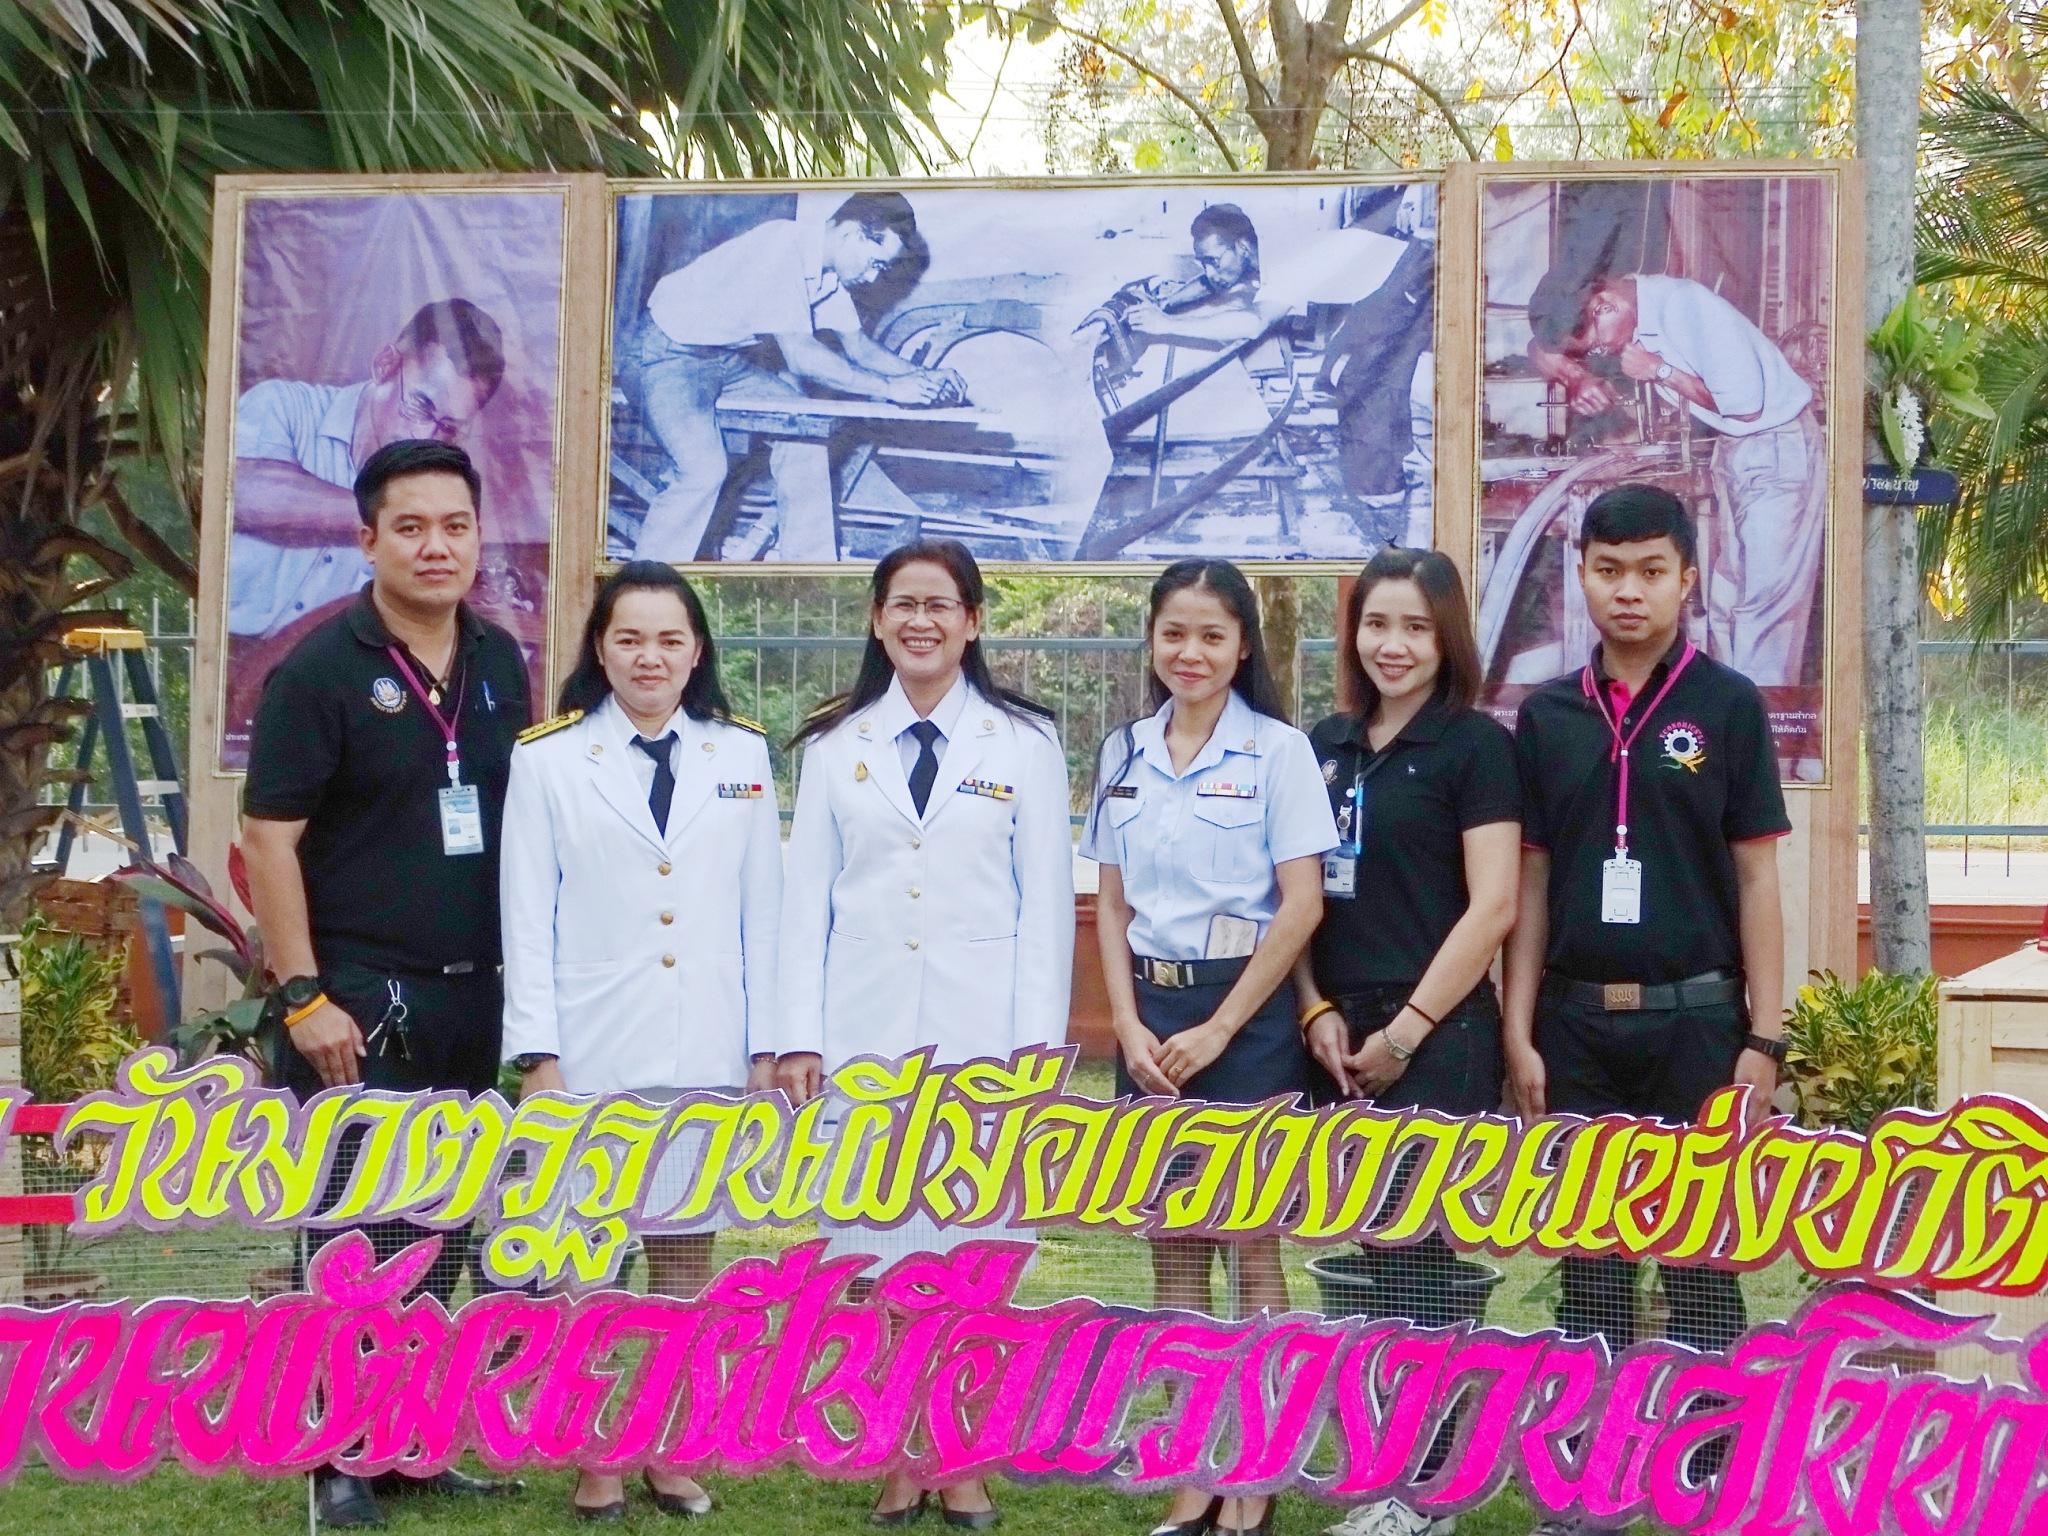 วันที่ 2 มีนาคม 2560 สำนักงานจัดหางานร่วมงานวันพระบิดาแห่งมาตรฐานการช่างไทย และวันมาตรฐานฝีมือแรงงาน